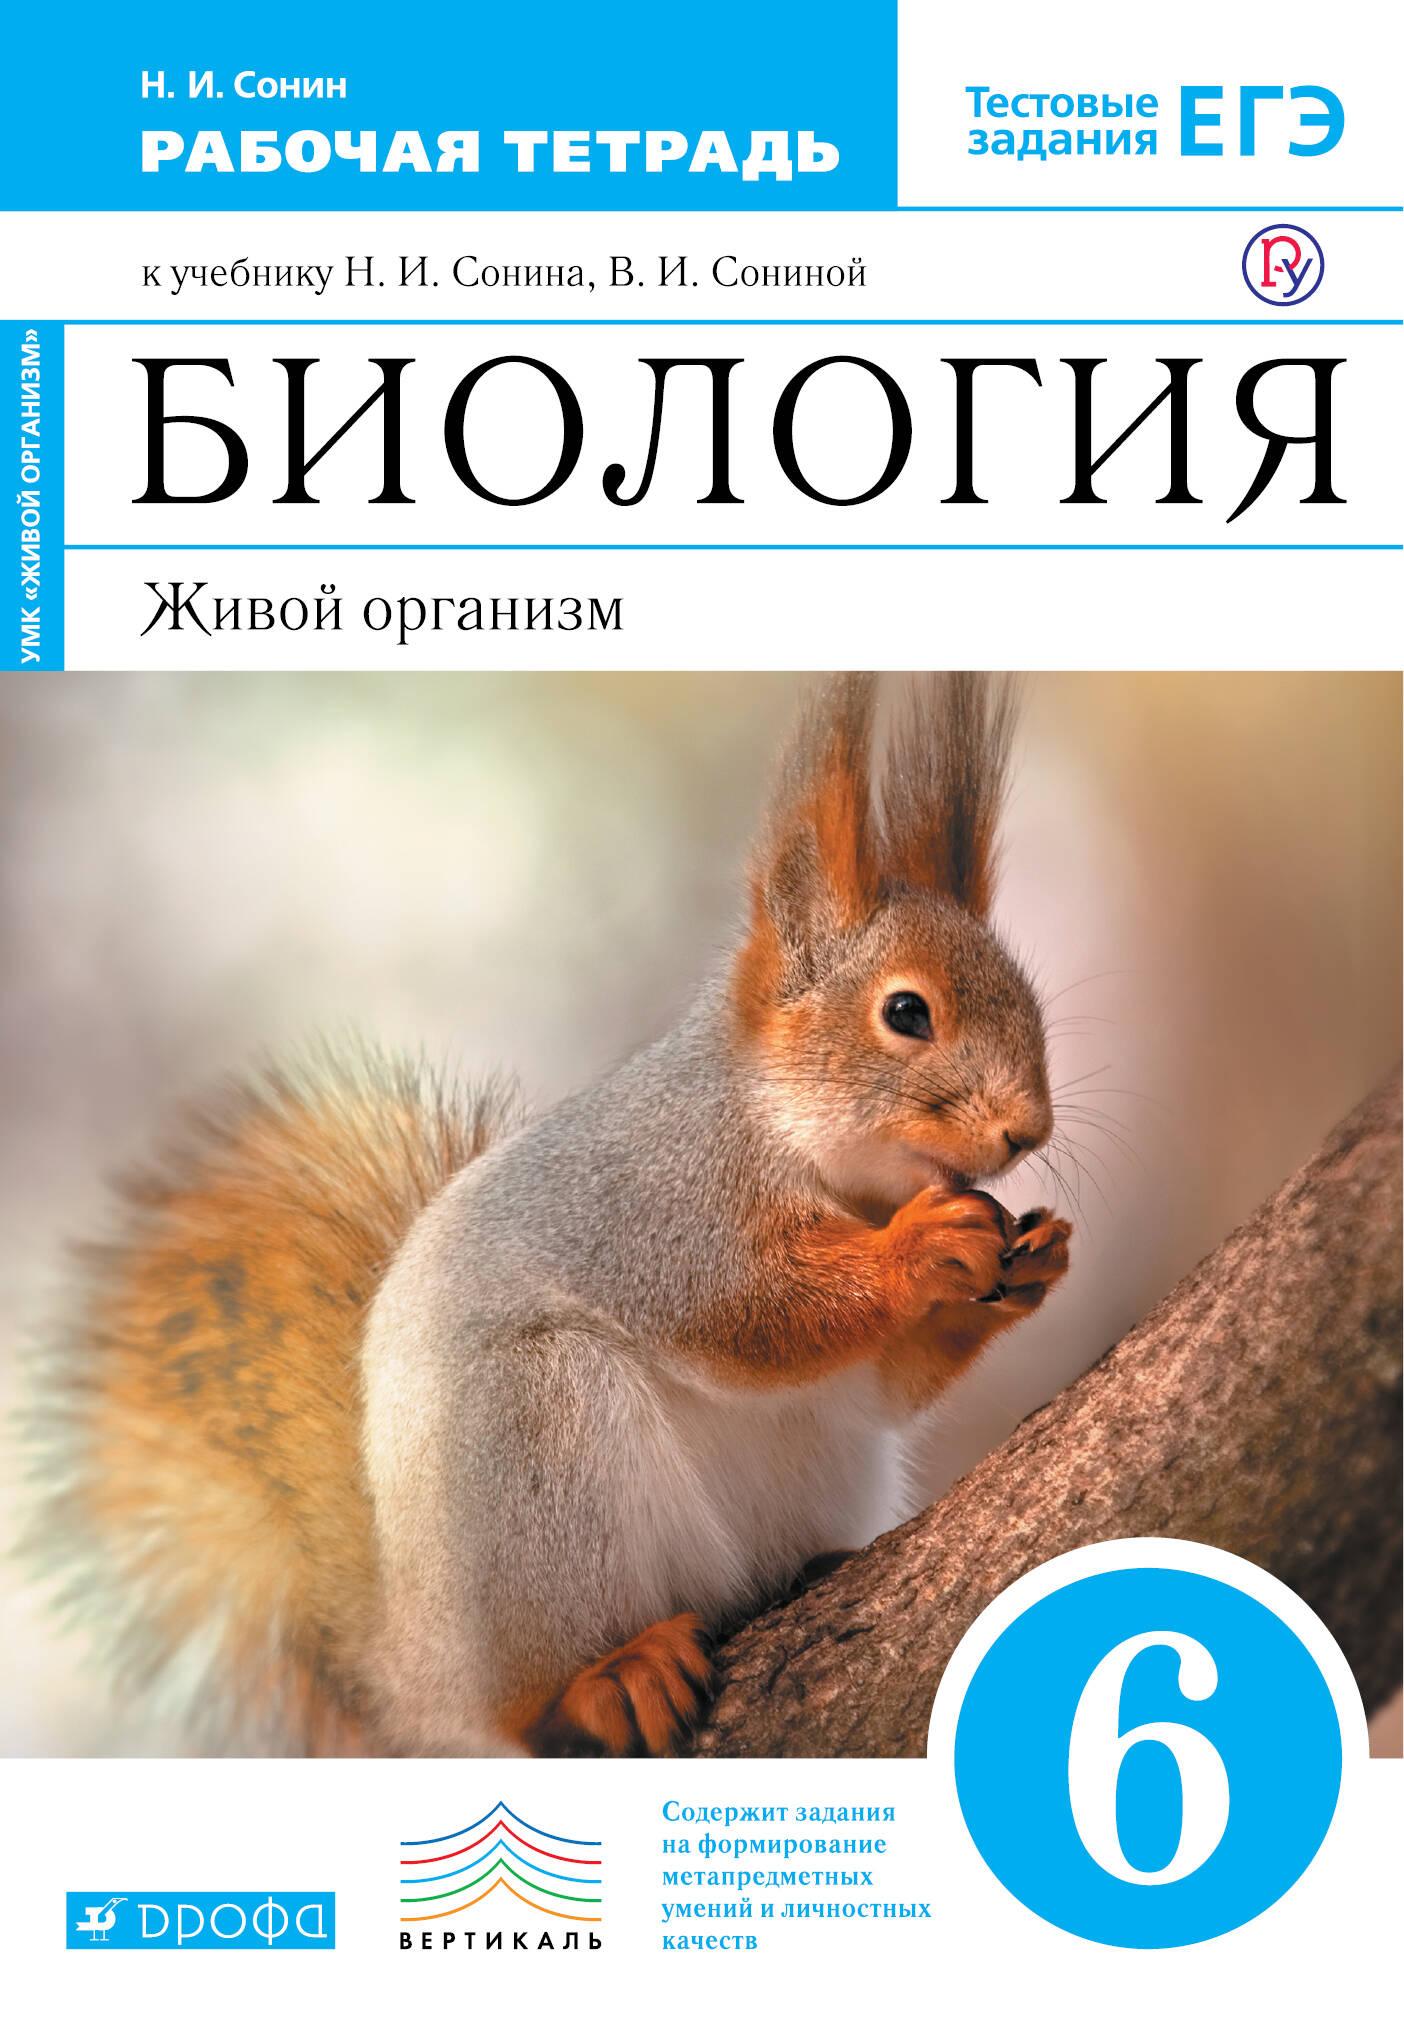 Биология 6 класс 6 издание н и сонин скачать